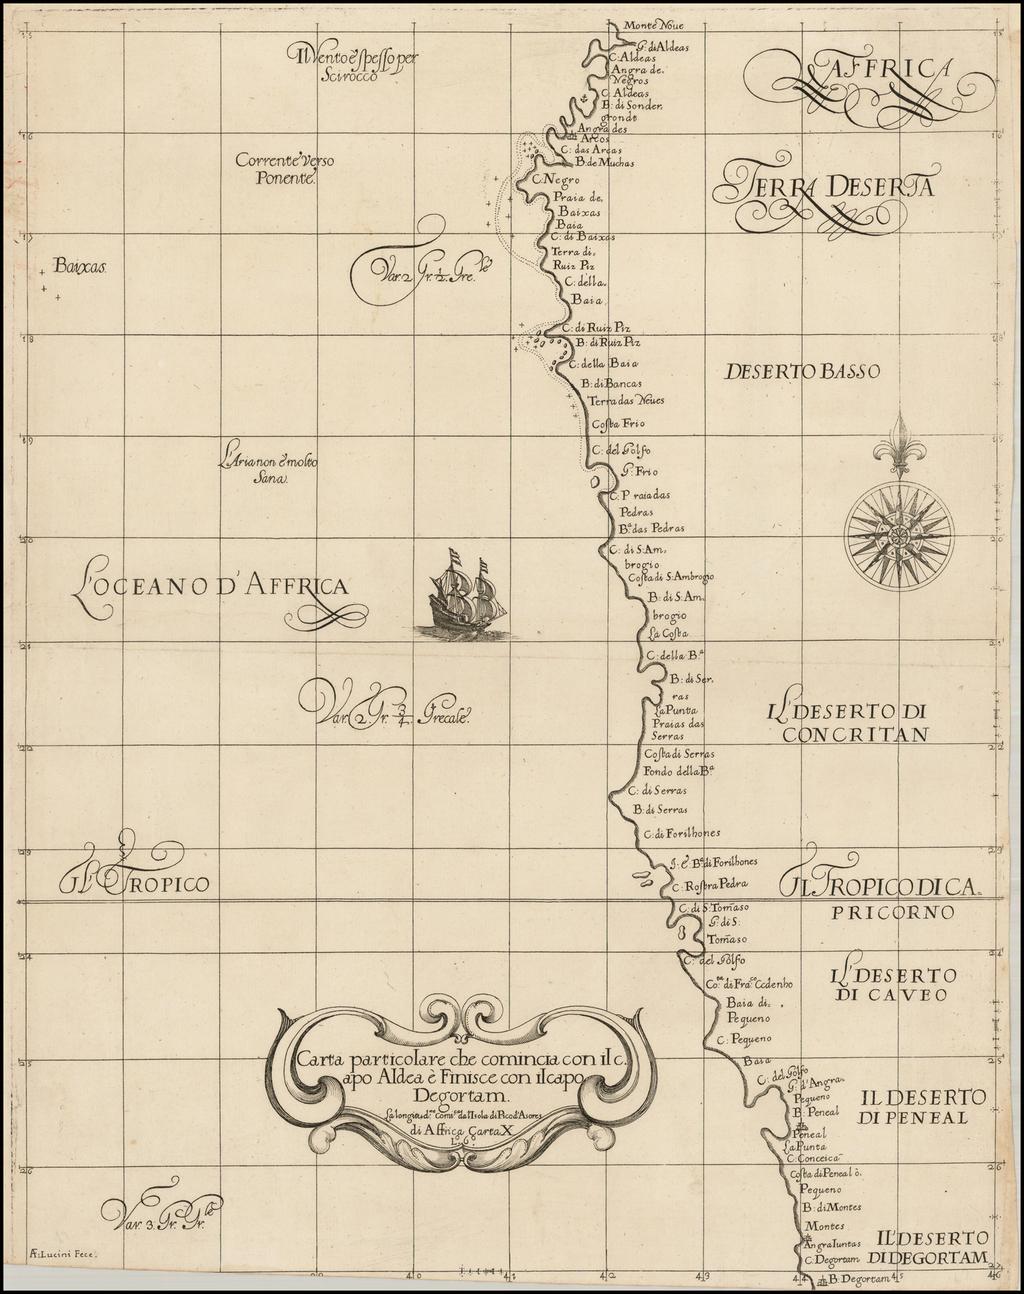 [Southwest Africa] Carta Particolare che Comincia con il Capo Aldea e Finisce con il Capo Degortam  By Robert Dudley